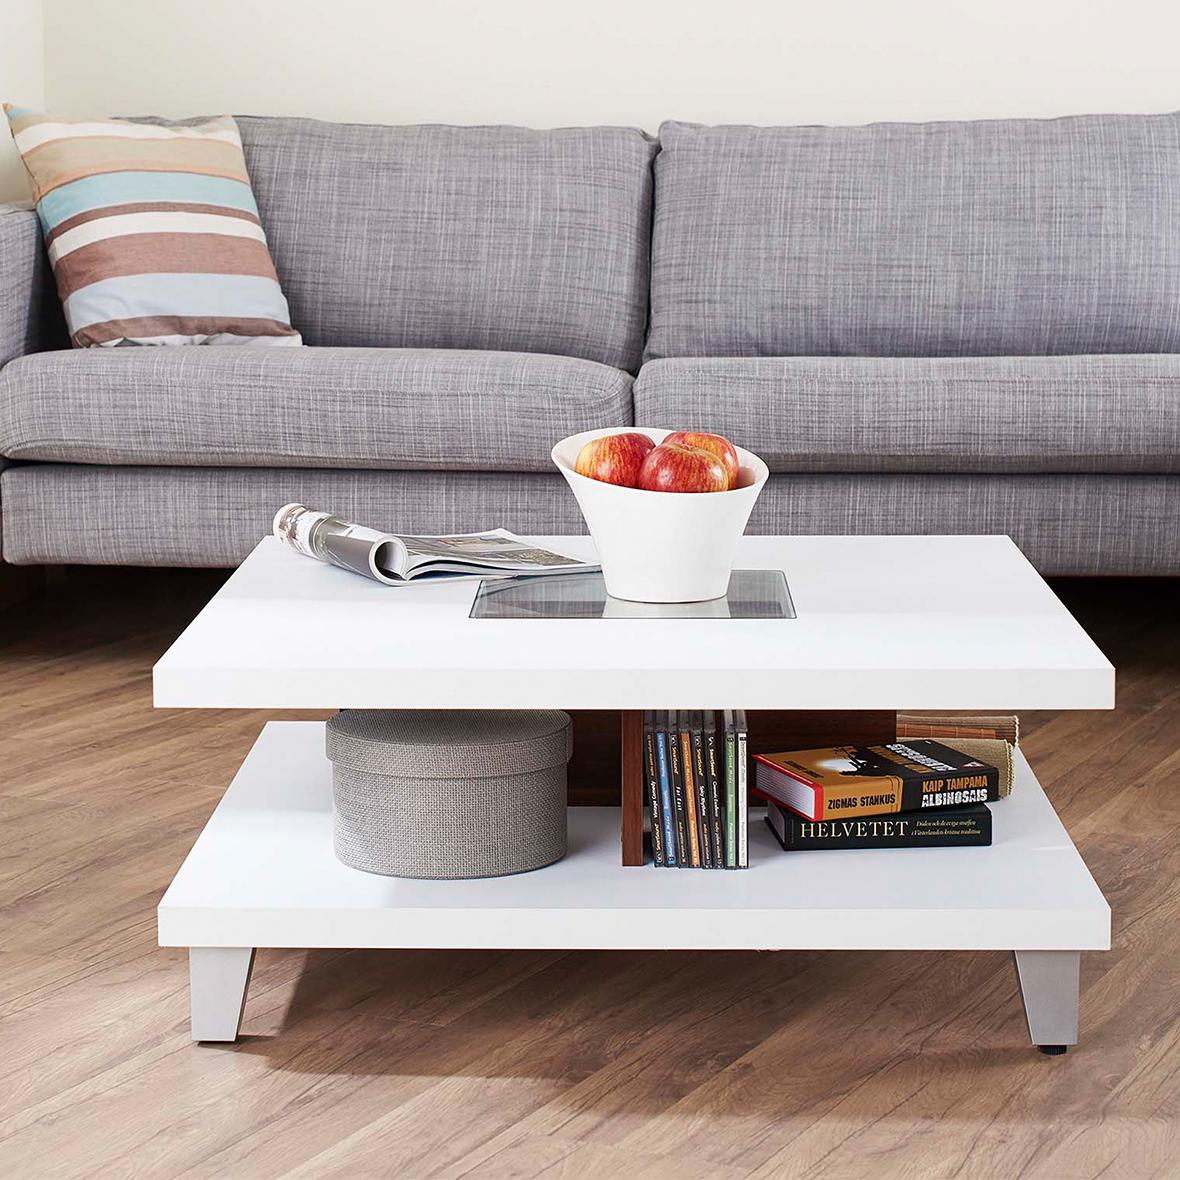 Meuble Tv Table Basse Assorti table basse carrée assemblage facile 80cm | bureau et maison